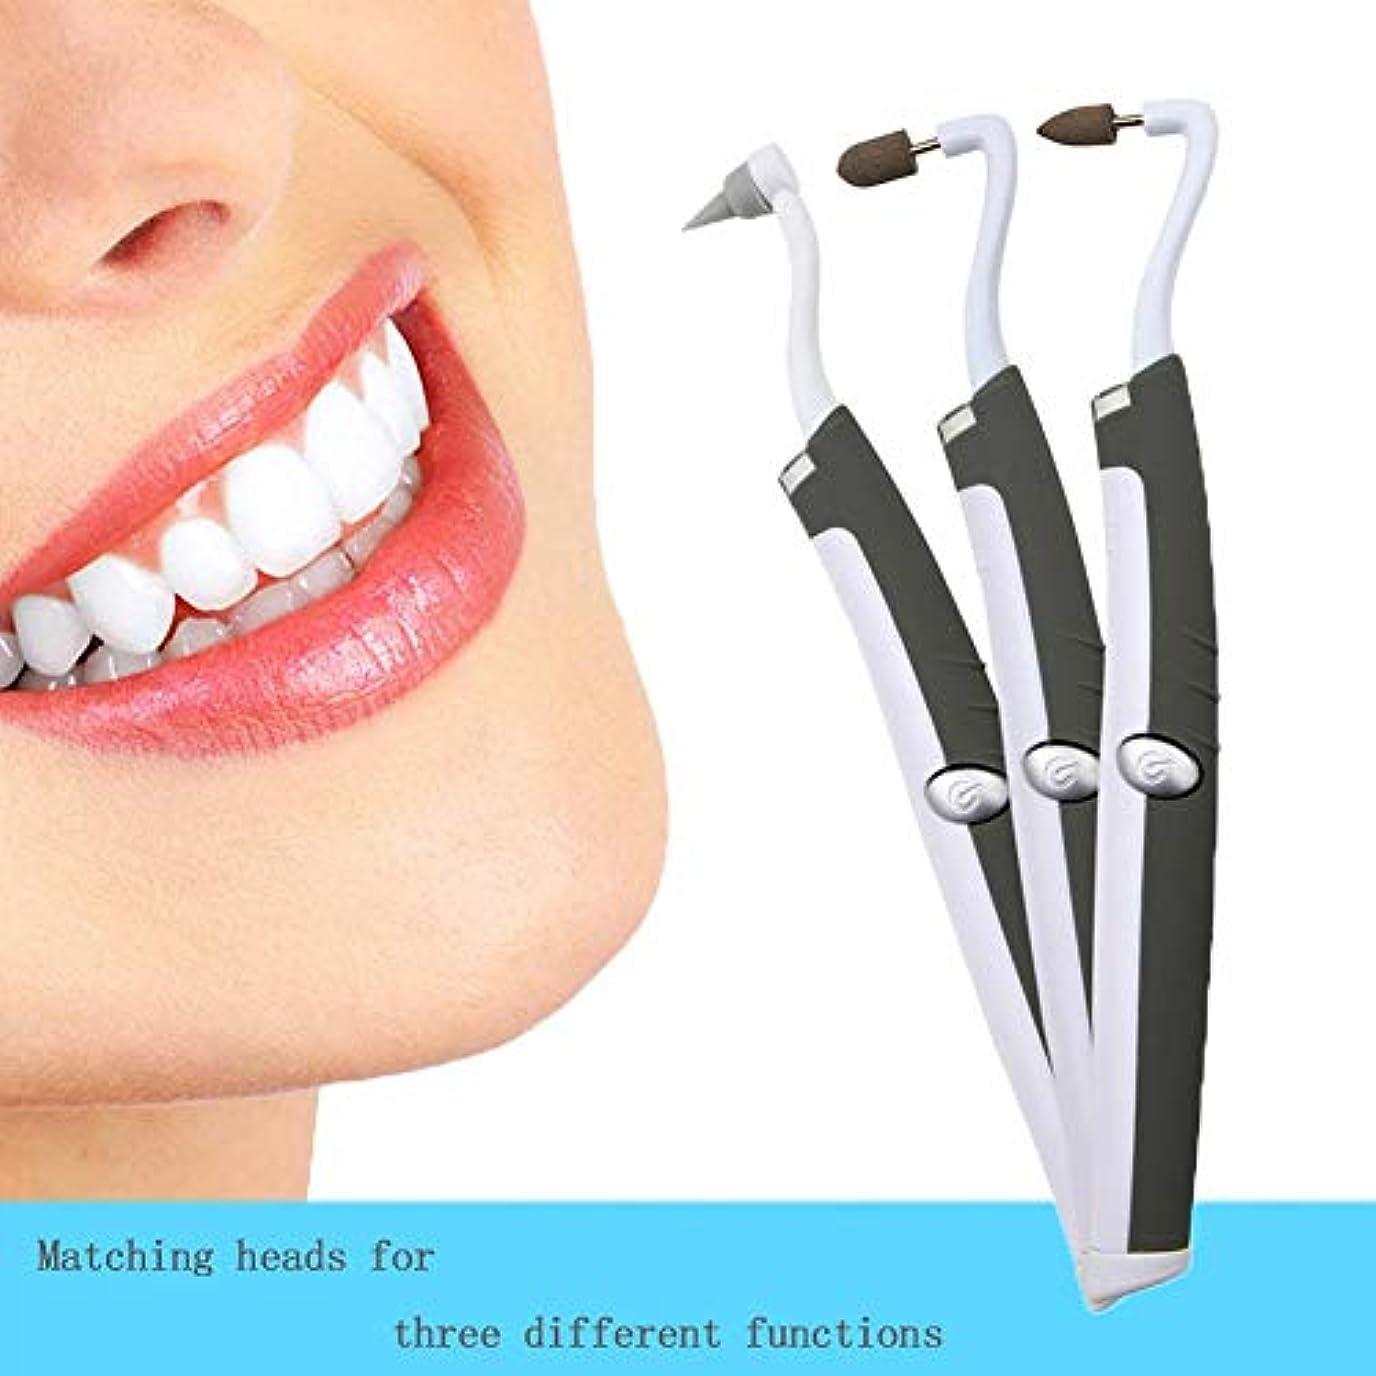 カストディアン暗くする非常に怒っています歯石除去剤-変色を取り除き、歯を白くする歯石除去剤歯石が歯を除去しますポーランドのスリップが歯垢の汚れを防ぎます(3頭)